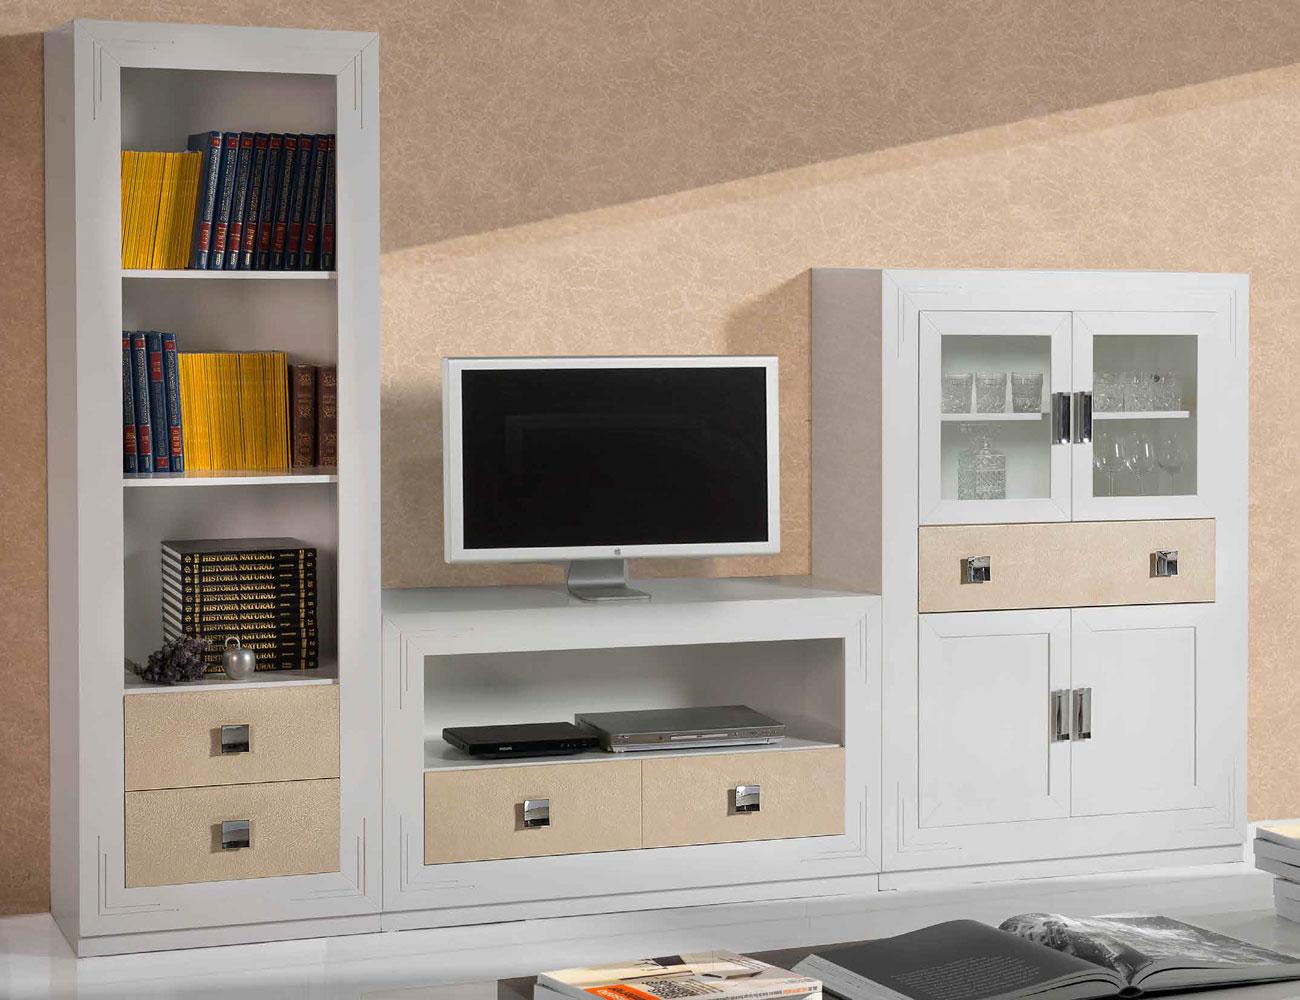 Composicion 13 mueble salon comedor librero vajillero